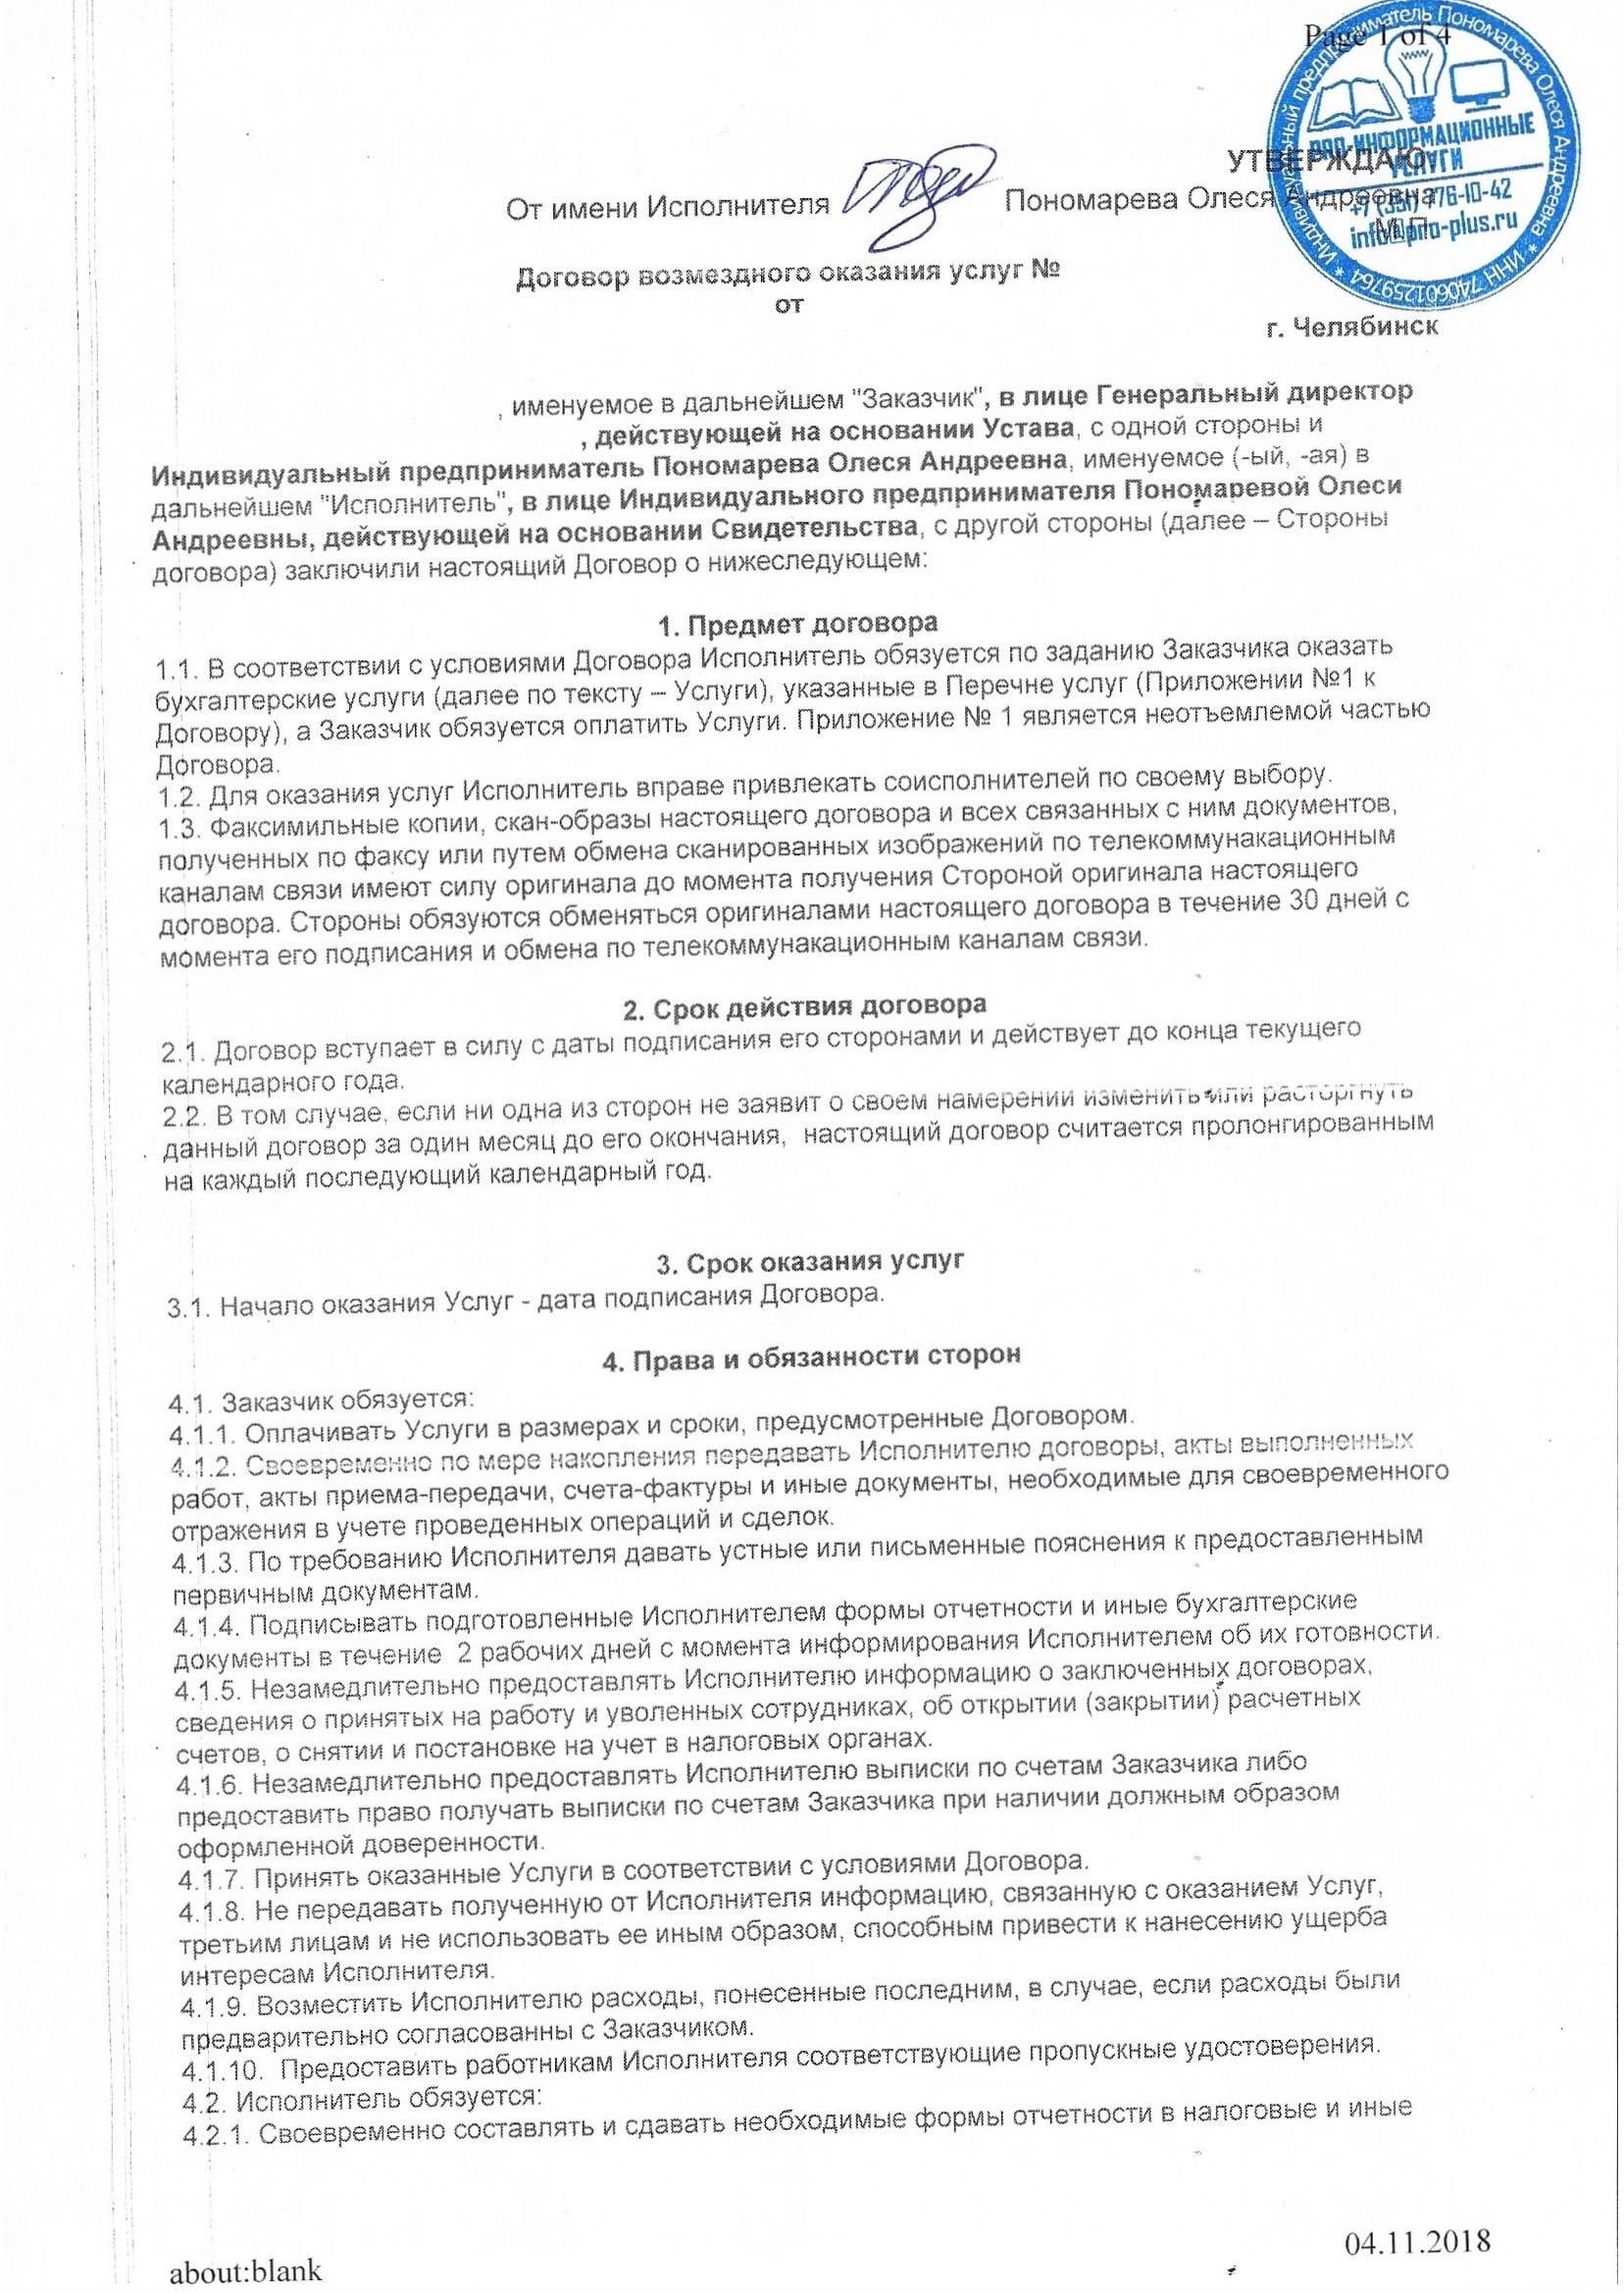 Возмездный договор на бухгалтерское обслуживание главный бухгалтер онлайн курсы